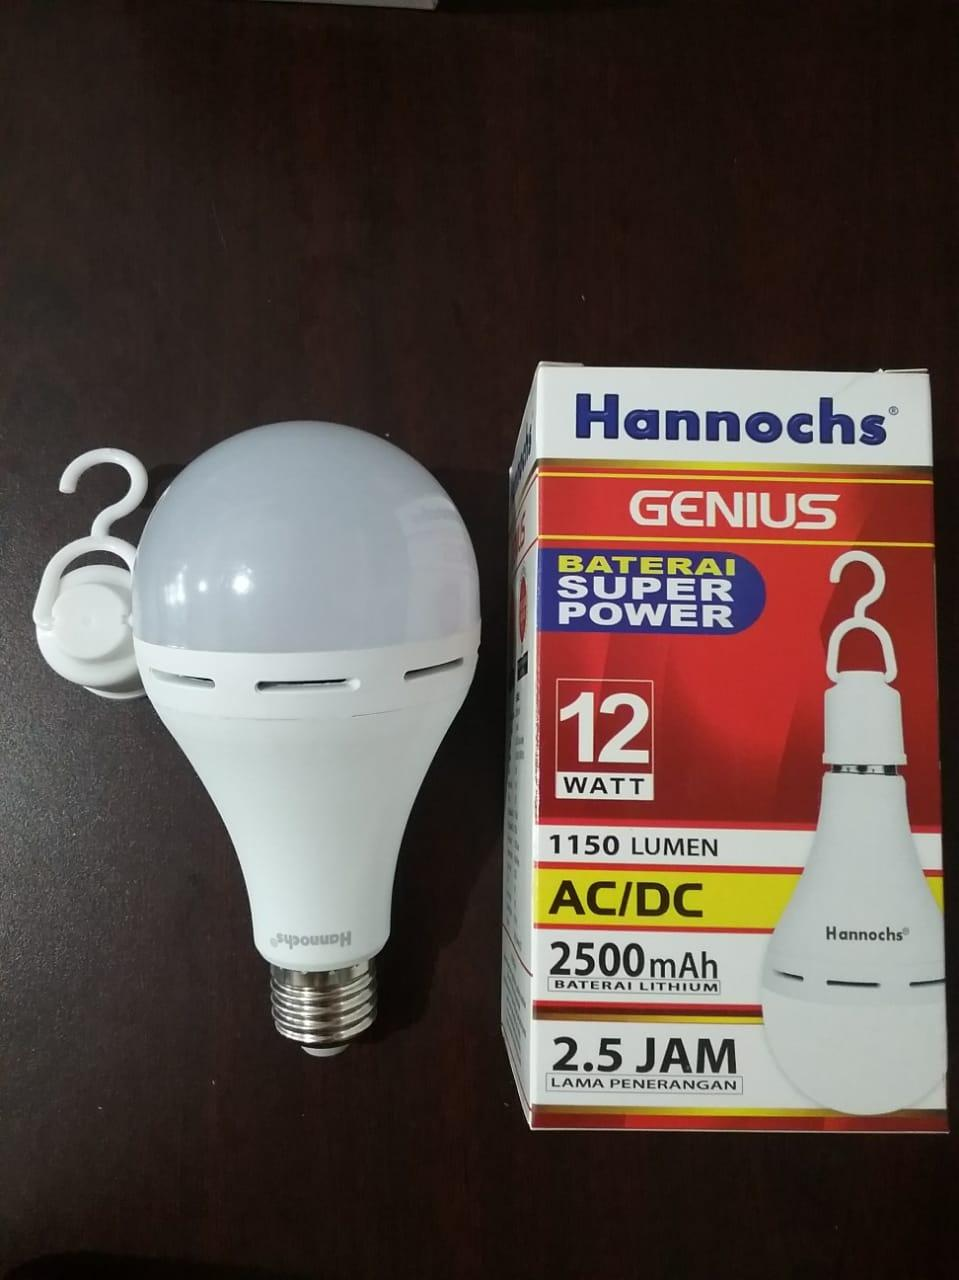 Lampu Led Hannochs Genius 12w Sentuh Hidup Otomatis Nyala